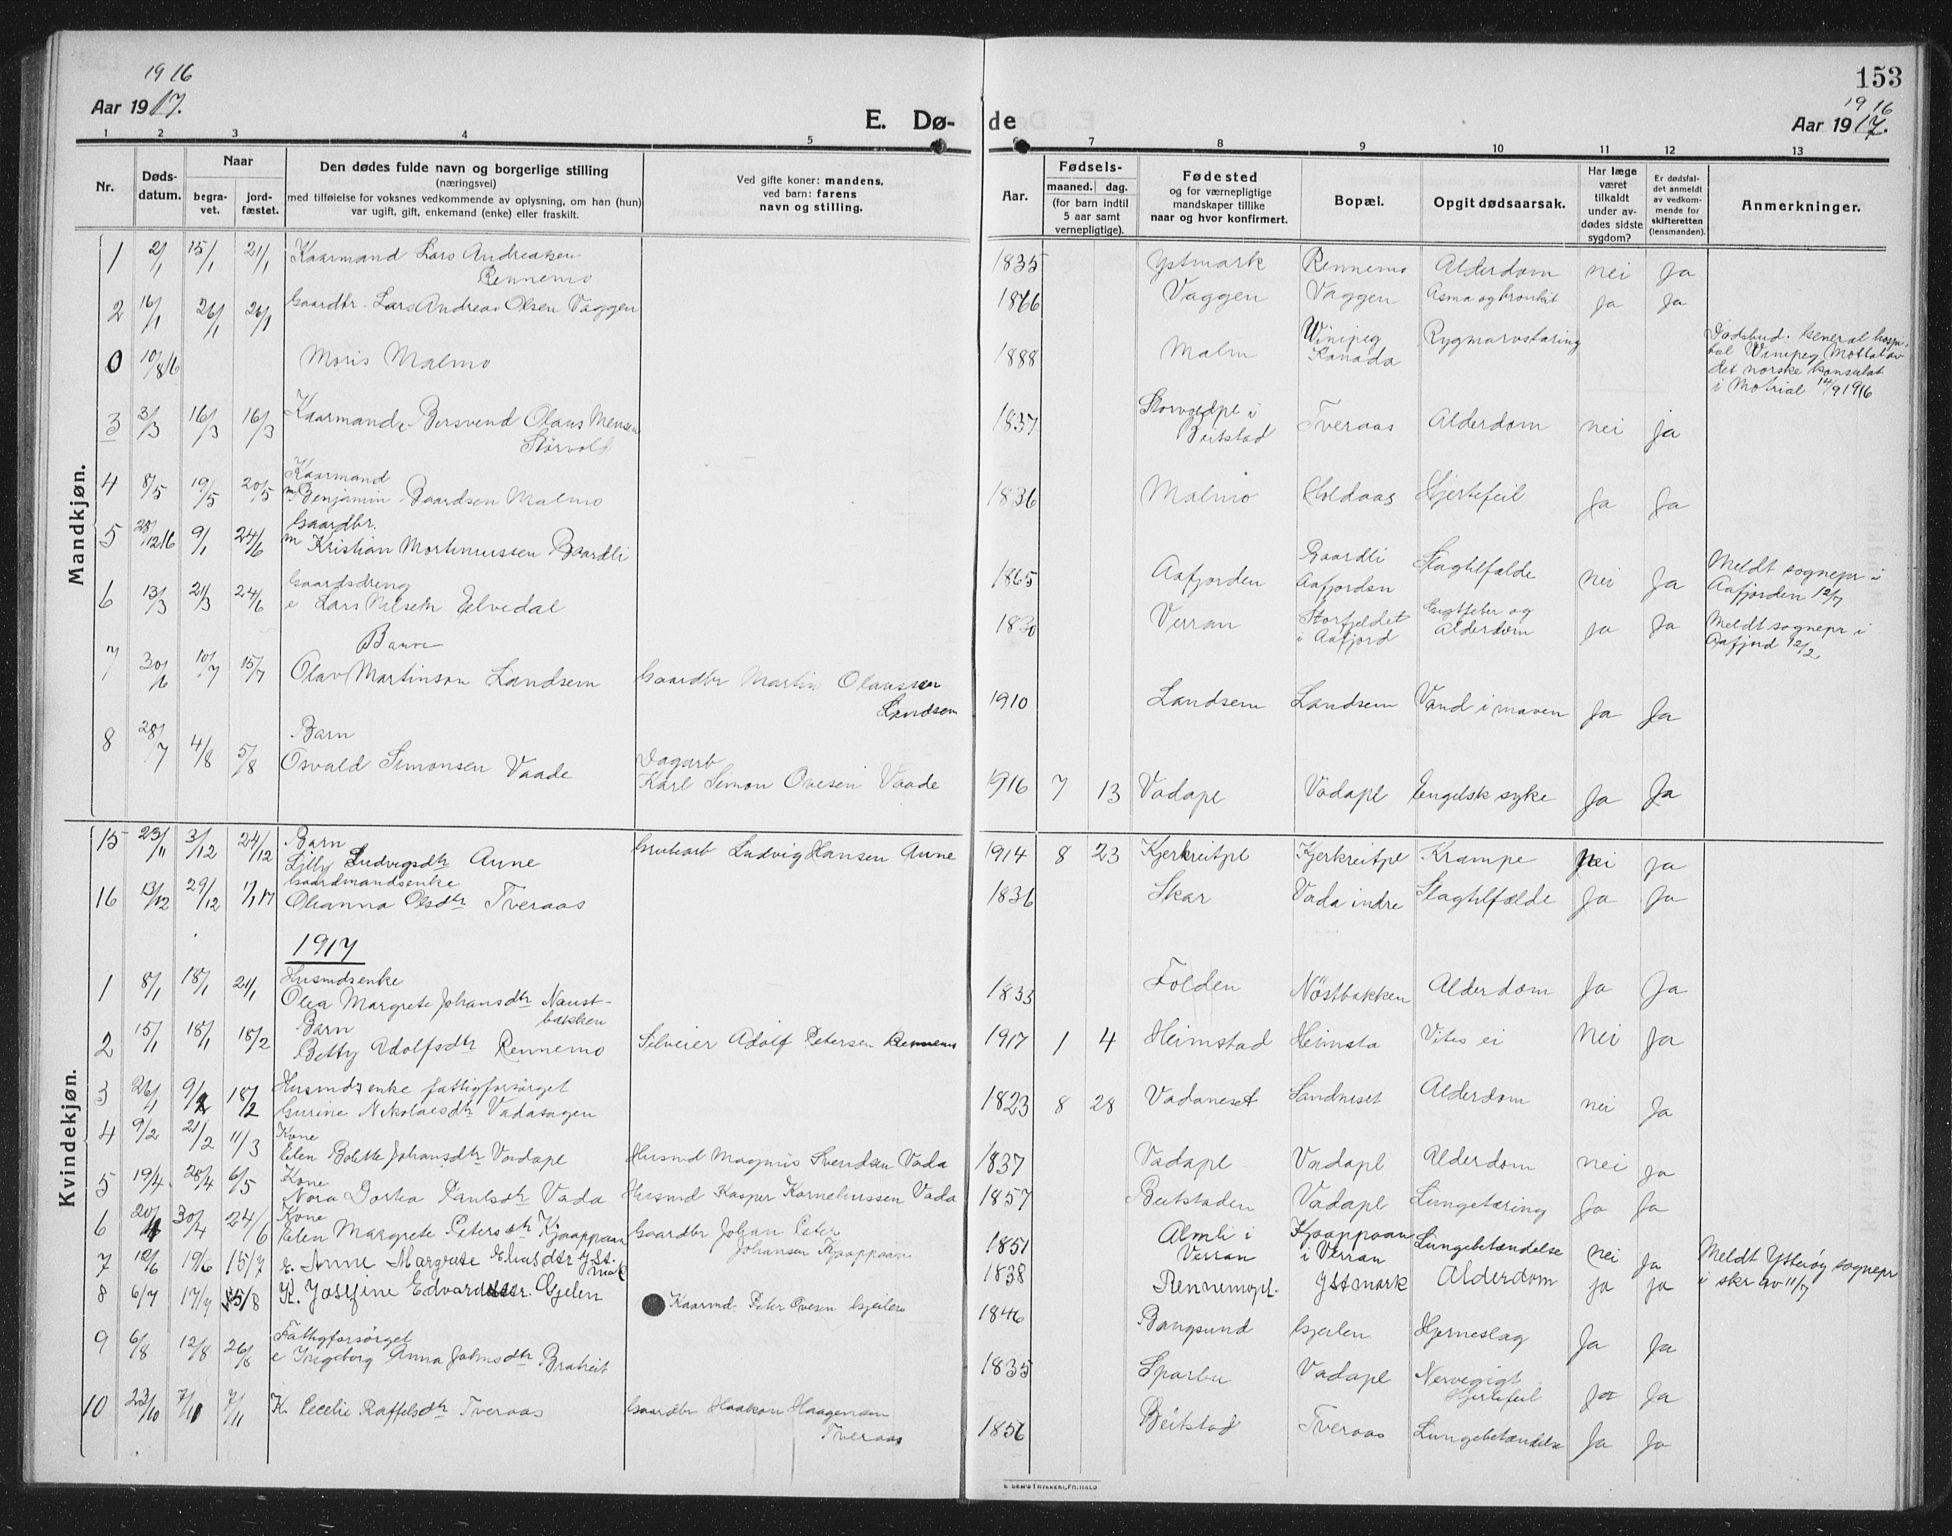 SAT, Ministerialprotokoller, klokkerbøker og fødselsregistre - Nord-Trøndelag, 745/L0434: Klokkerbok nr. 745C03, 1914-1937, s. 153